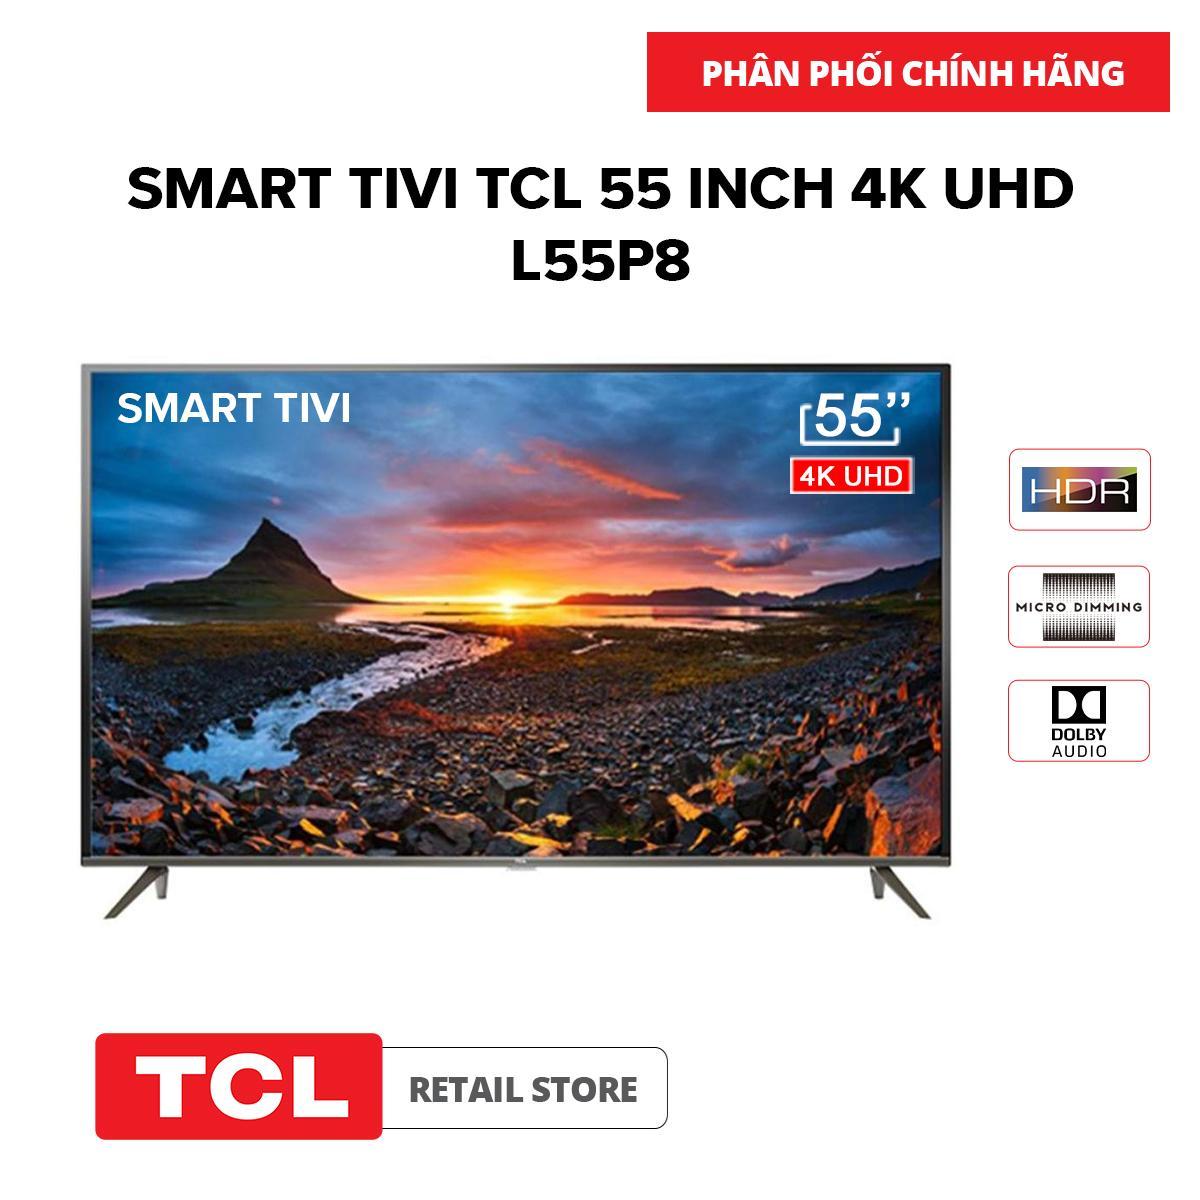 Bảng giá Smart Tivi TCL 55 inch 4K UHD L55P8